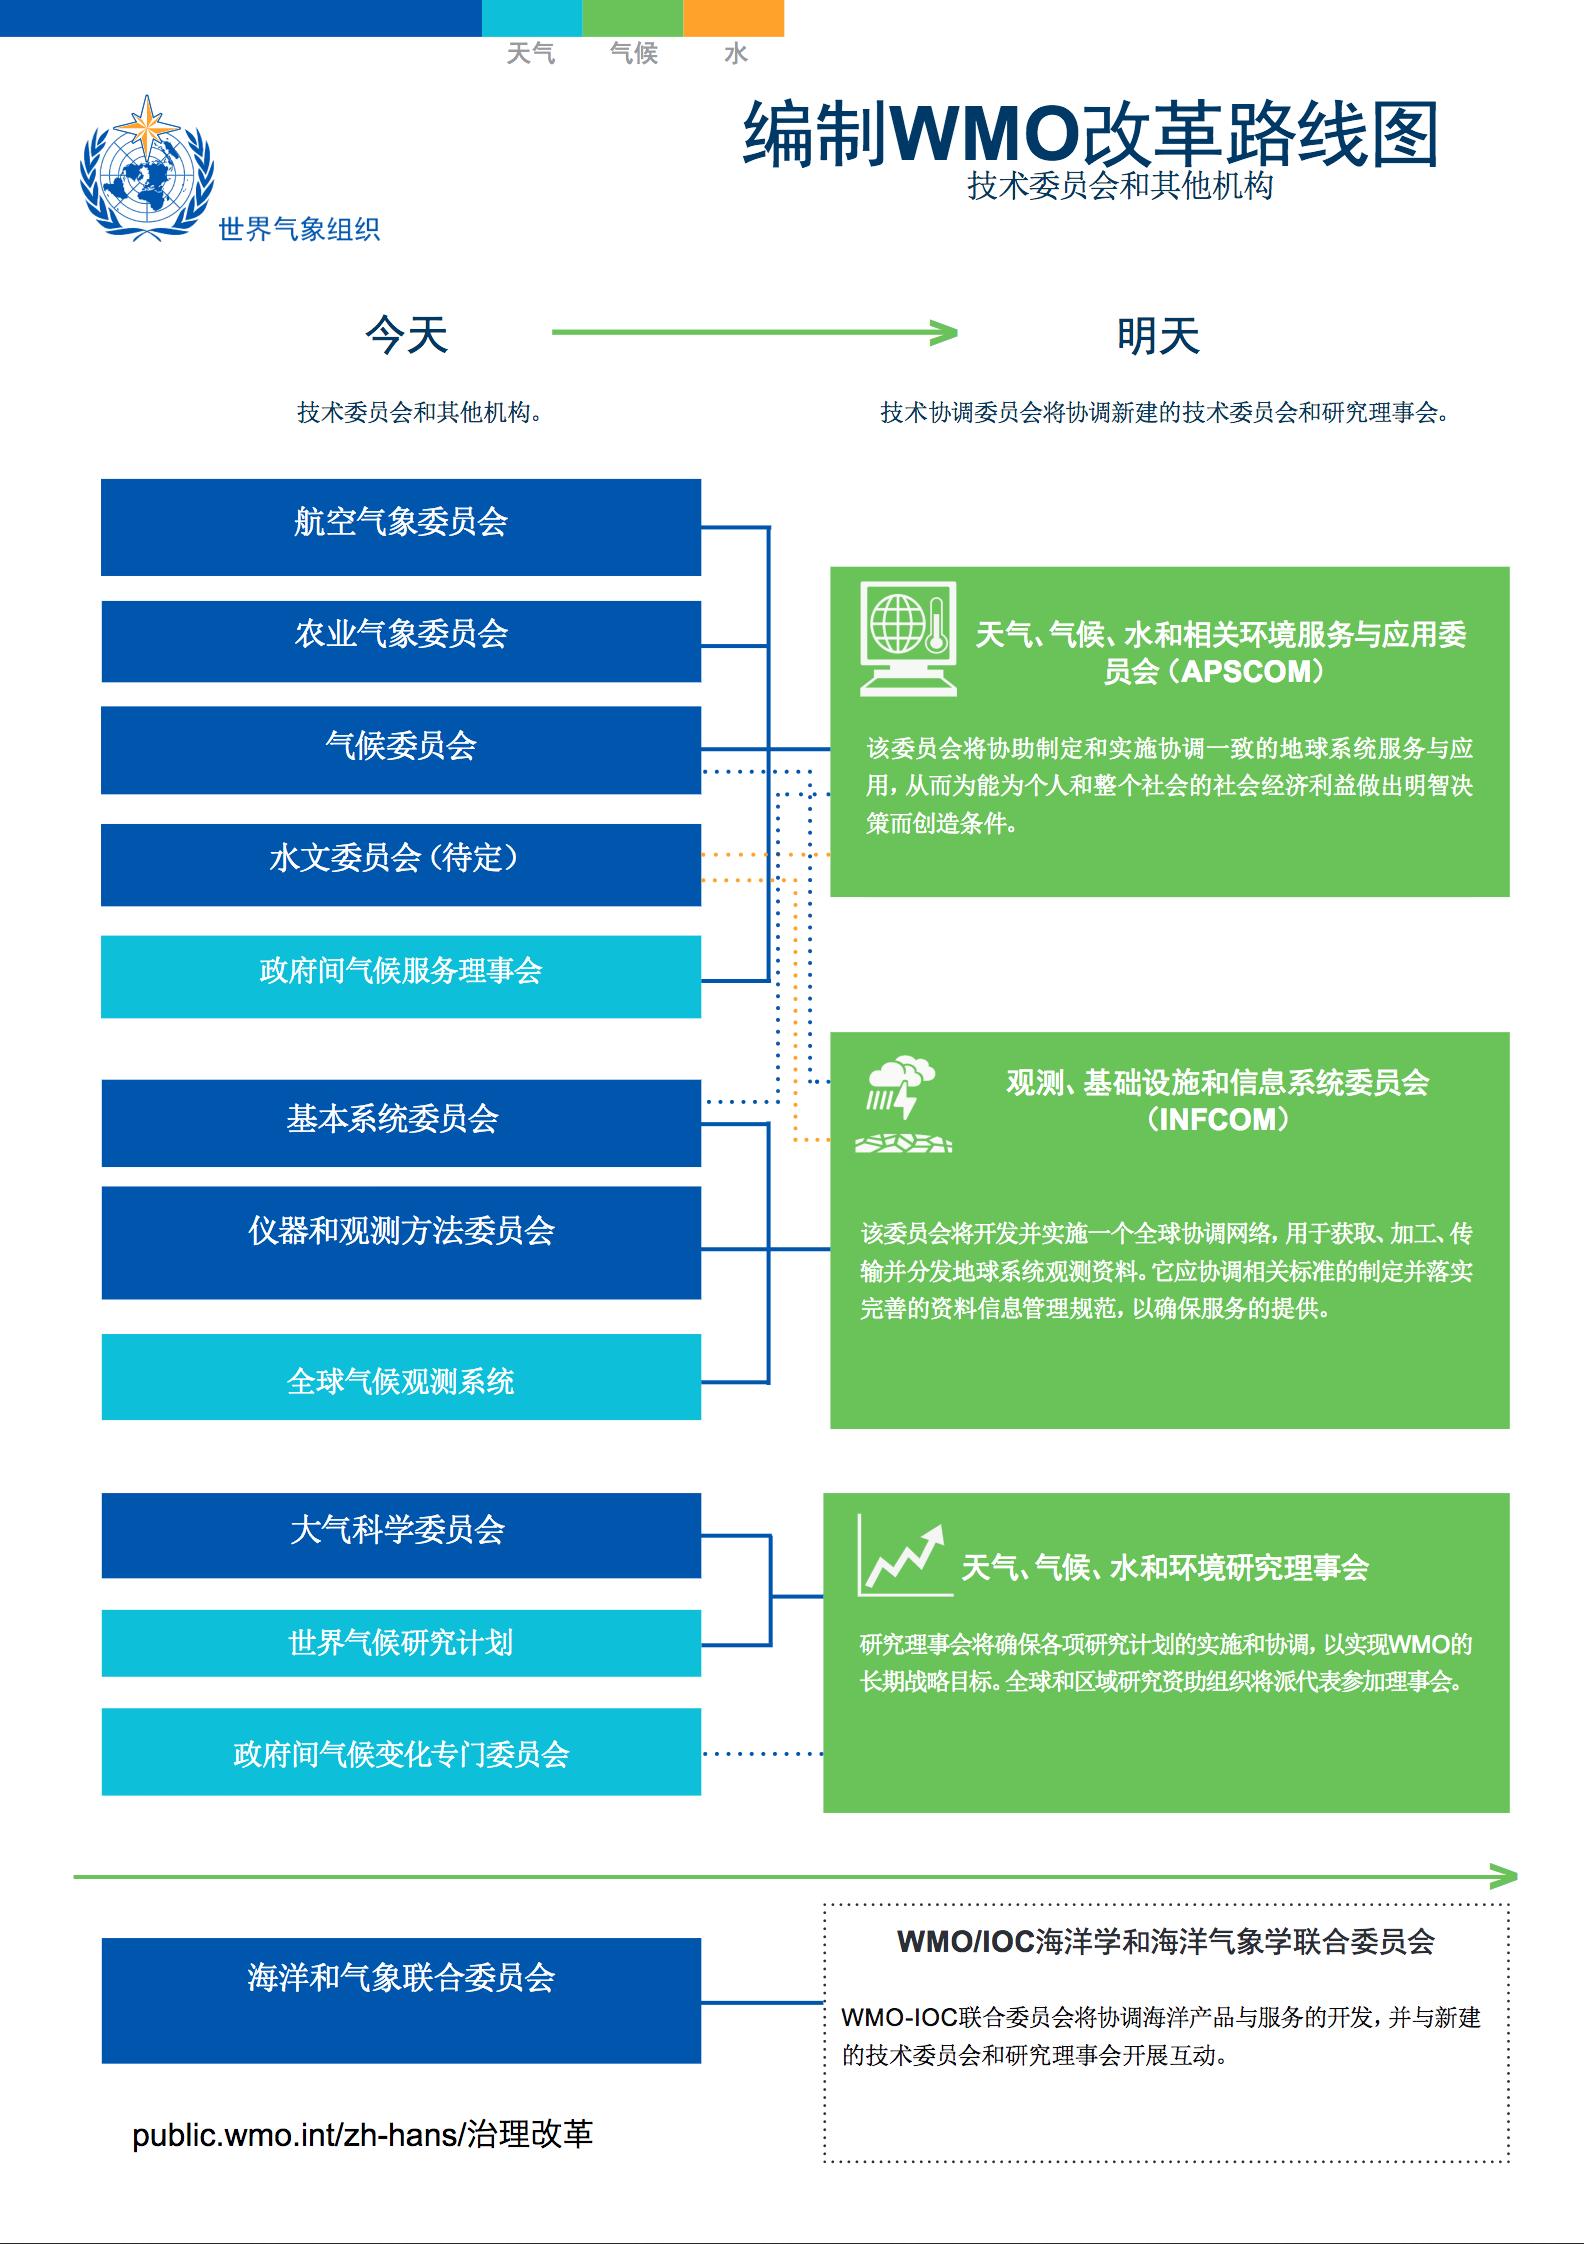 编制WMO改革路线图: 技术委员会和其他机构